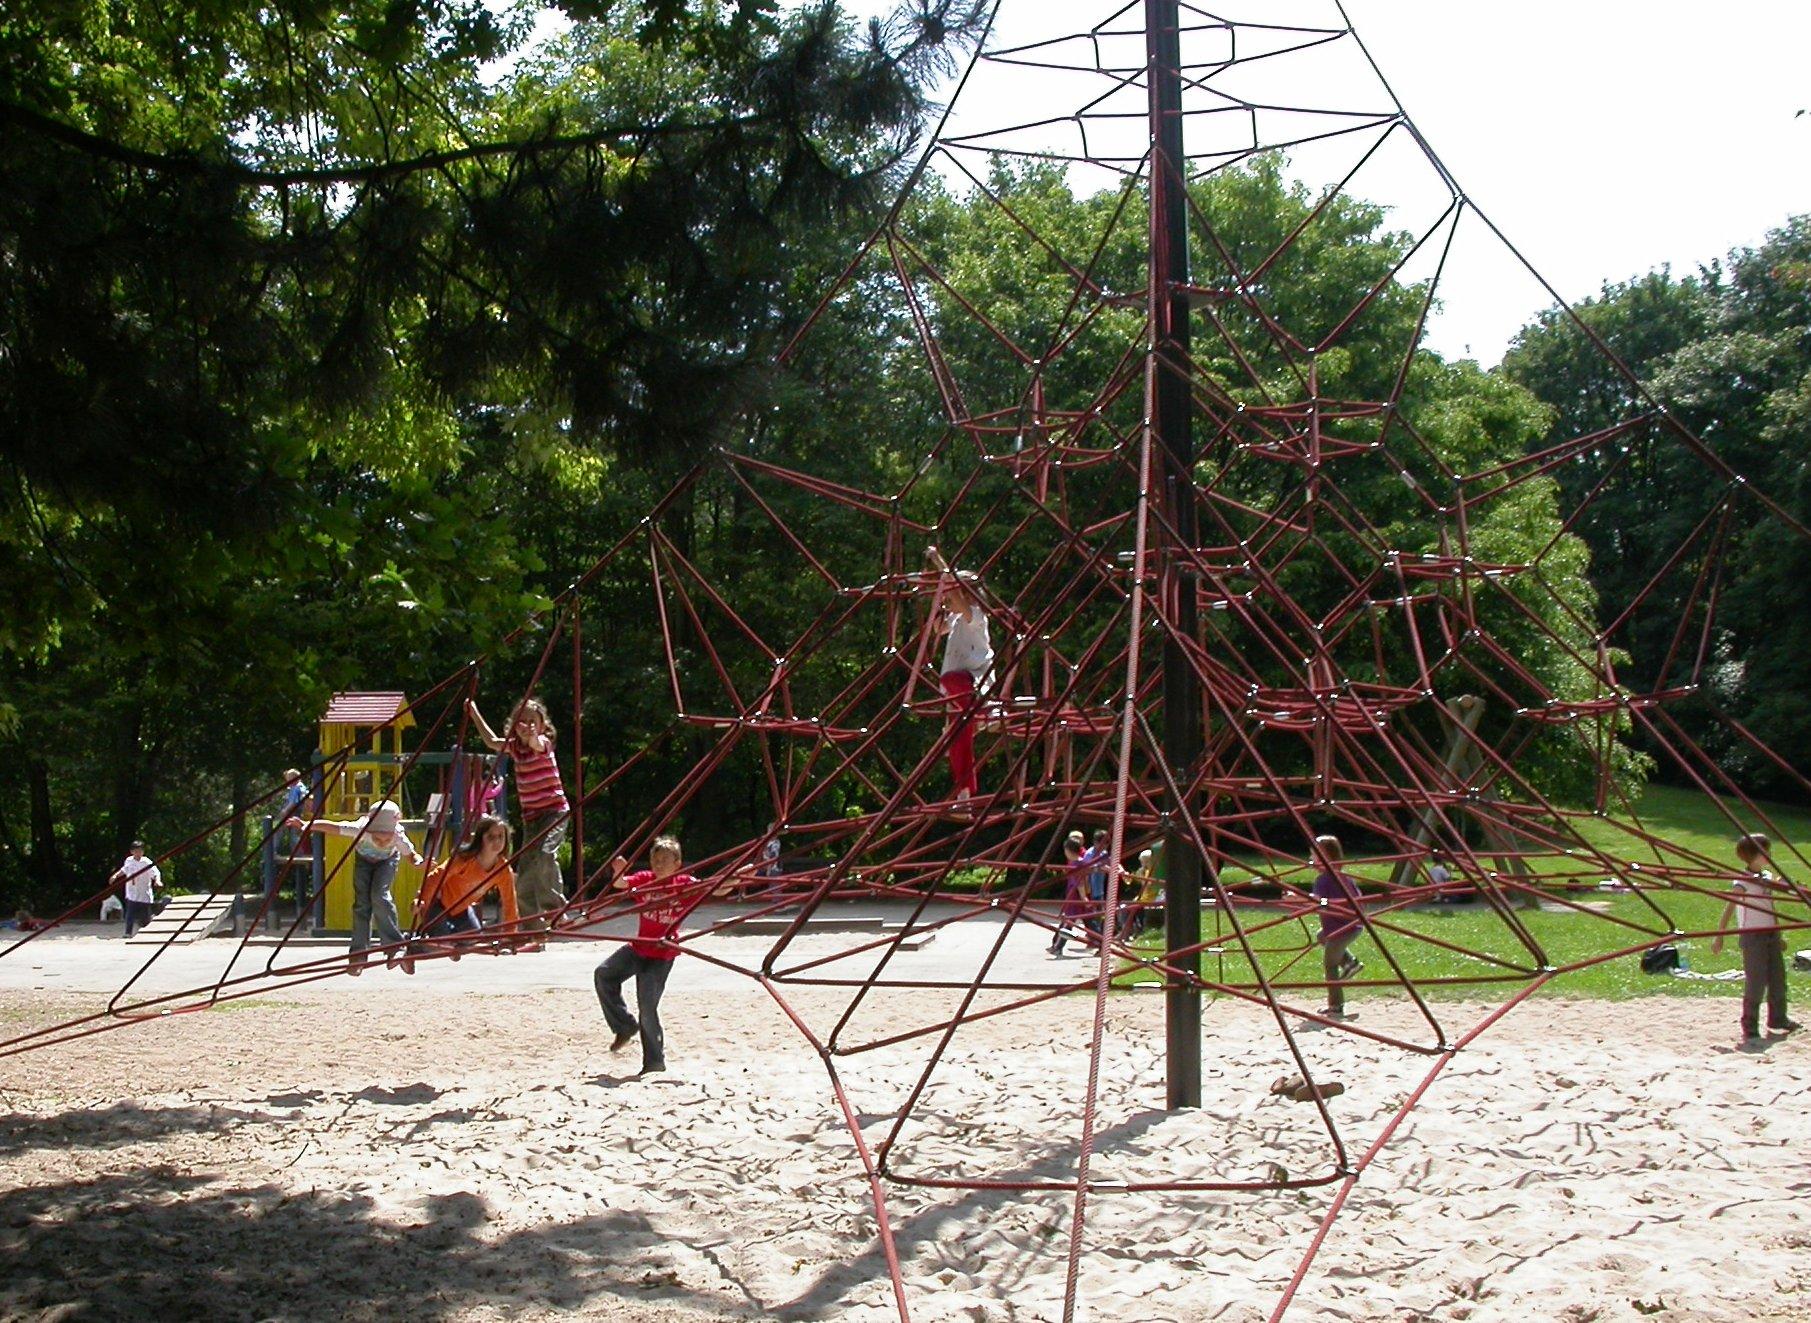 spielende Kinder auf der Kletterpyramide auf dem Spielplatz im Freizeitpark.